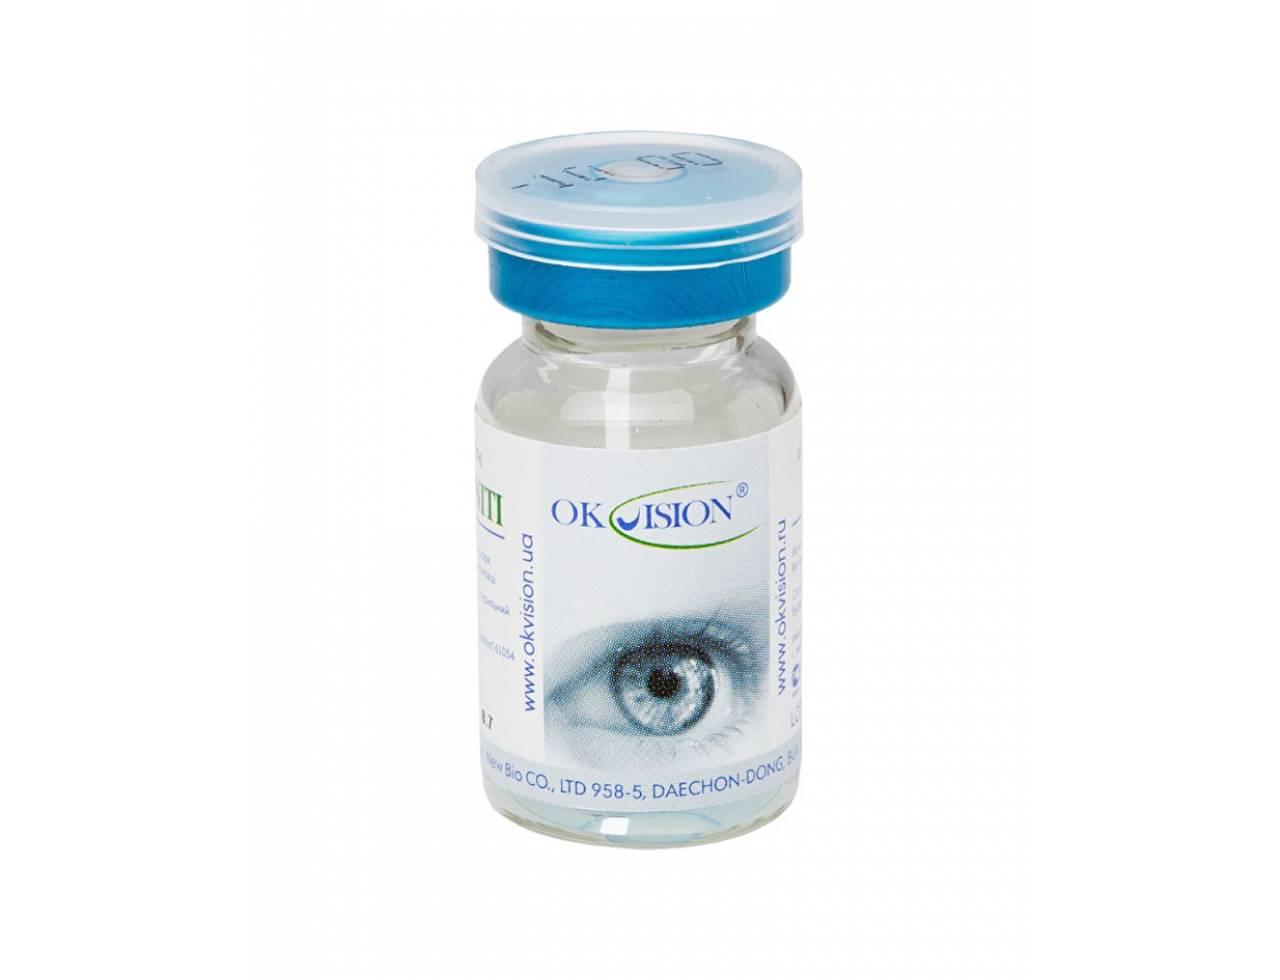 Традиционные контактные линзы OkVision Infiniti (плюсовые диоптрии)